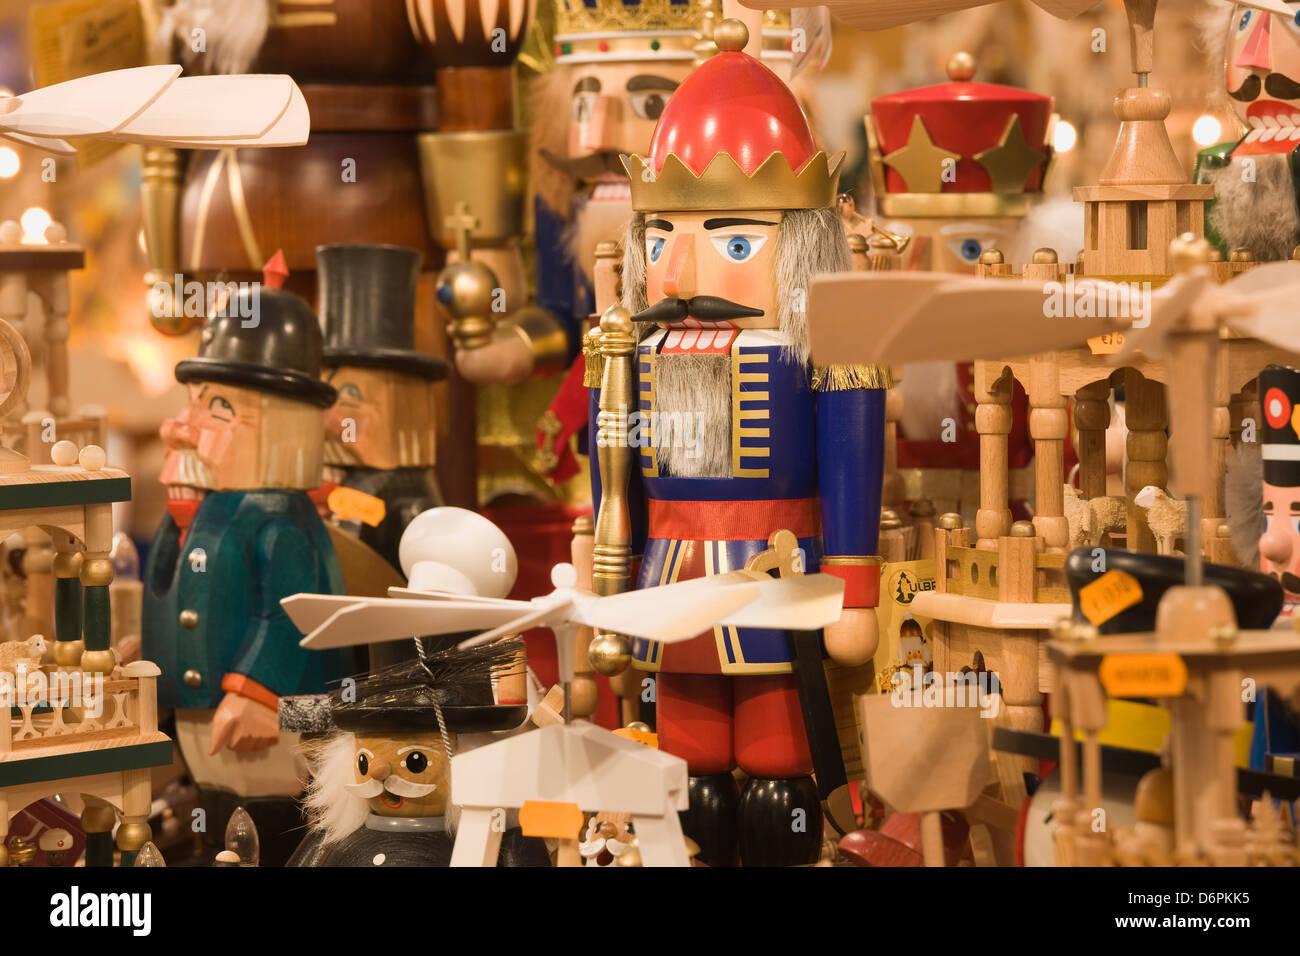 Hölzerne Weihnachtsschmuck zum Verkauf auf dem Dresdner Striezelmarkt Weihnachtsmarkt, Dresden, Sachsen, Deutschland, Stockbild